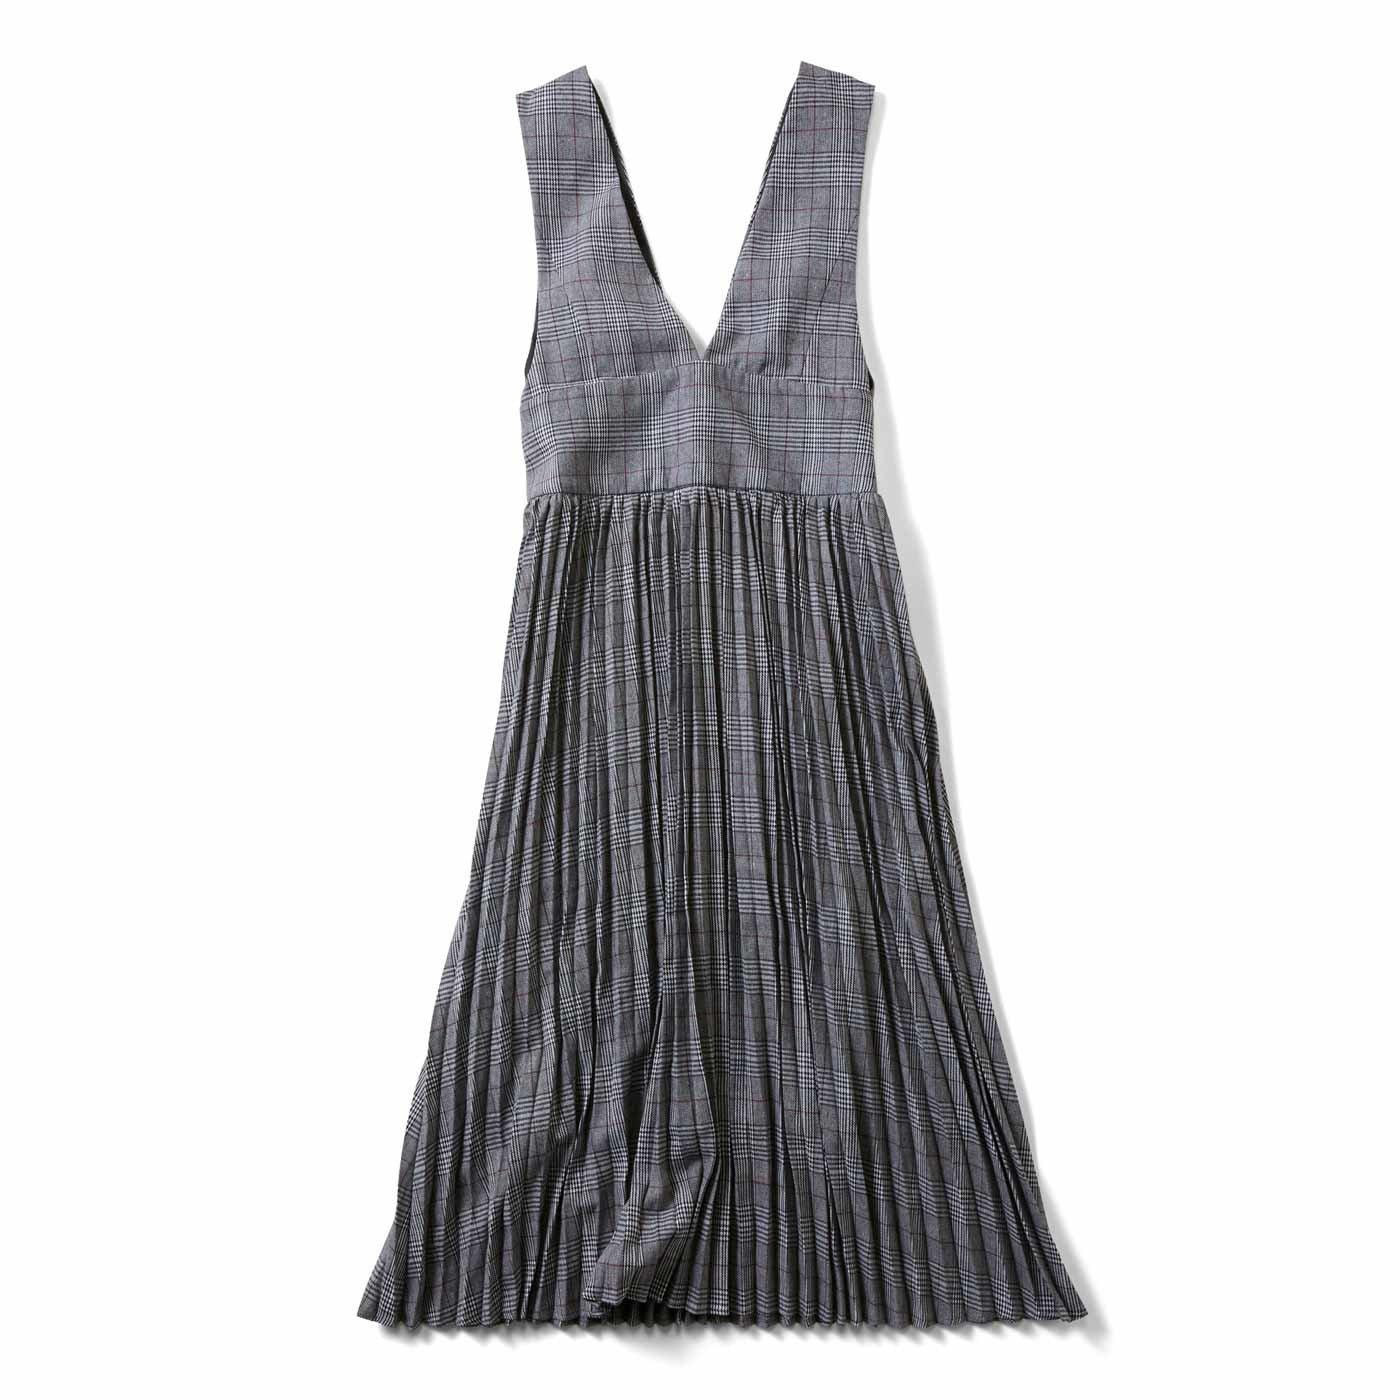 IEDIT[イディット] 深Vネックですっきり着こなせる グレンチェックジャンパースカート〈ブラック〉